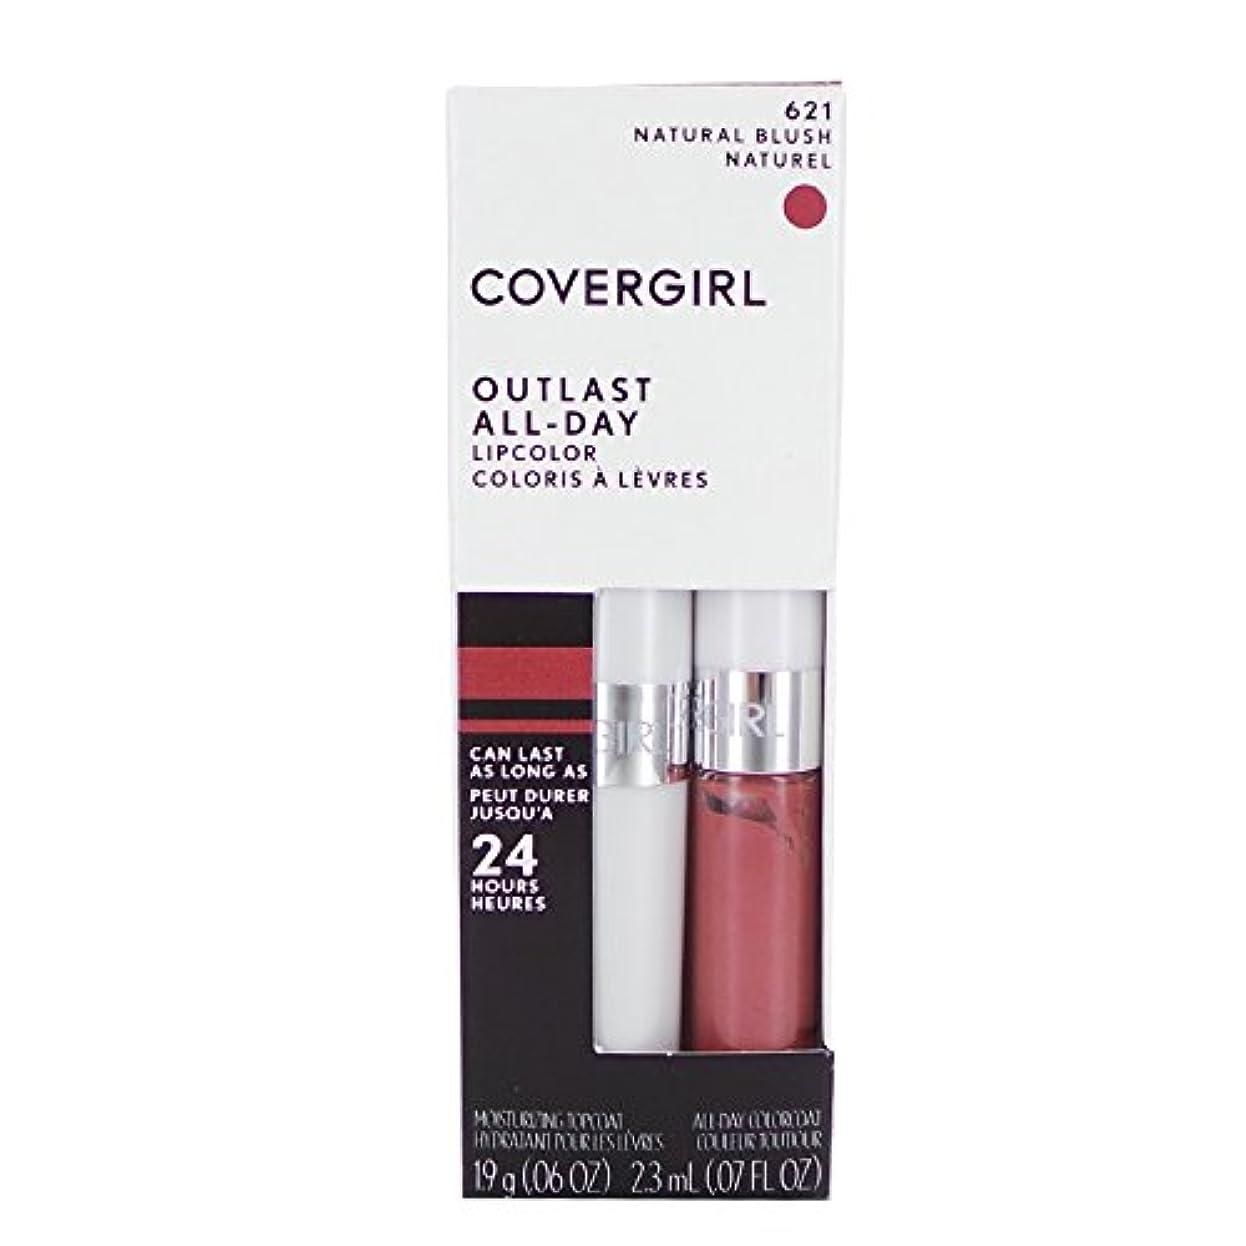 裁定取り出すミリメートル(3 Pack) COVERGIRL Outlast All-Day Lip Color - Natural Blush 621 (並行輸入品)